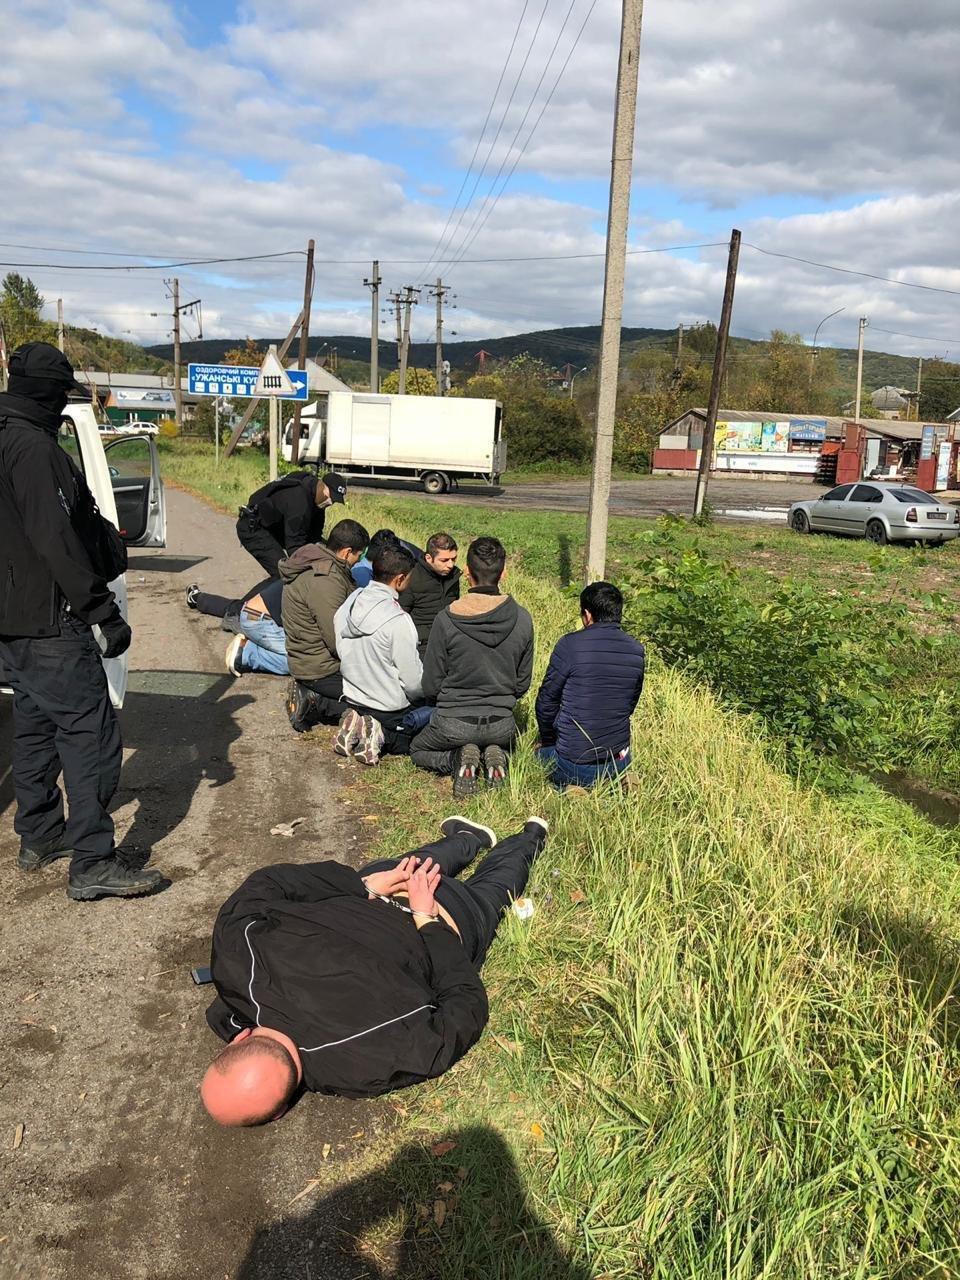 Закарпатці, киянин та молдаванин: з'явились фото та відео із затримання СБУ переправників нелегалів, фото-2